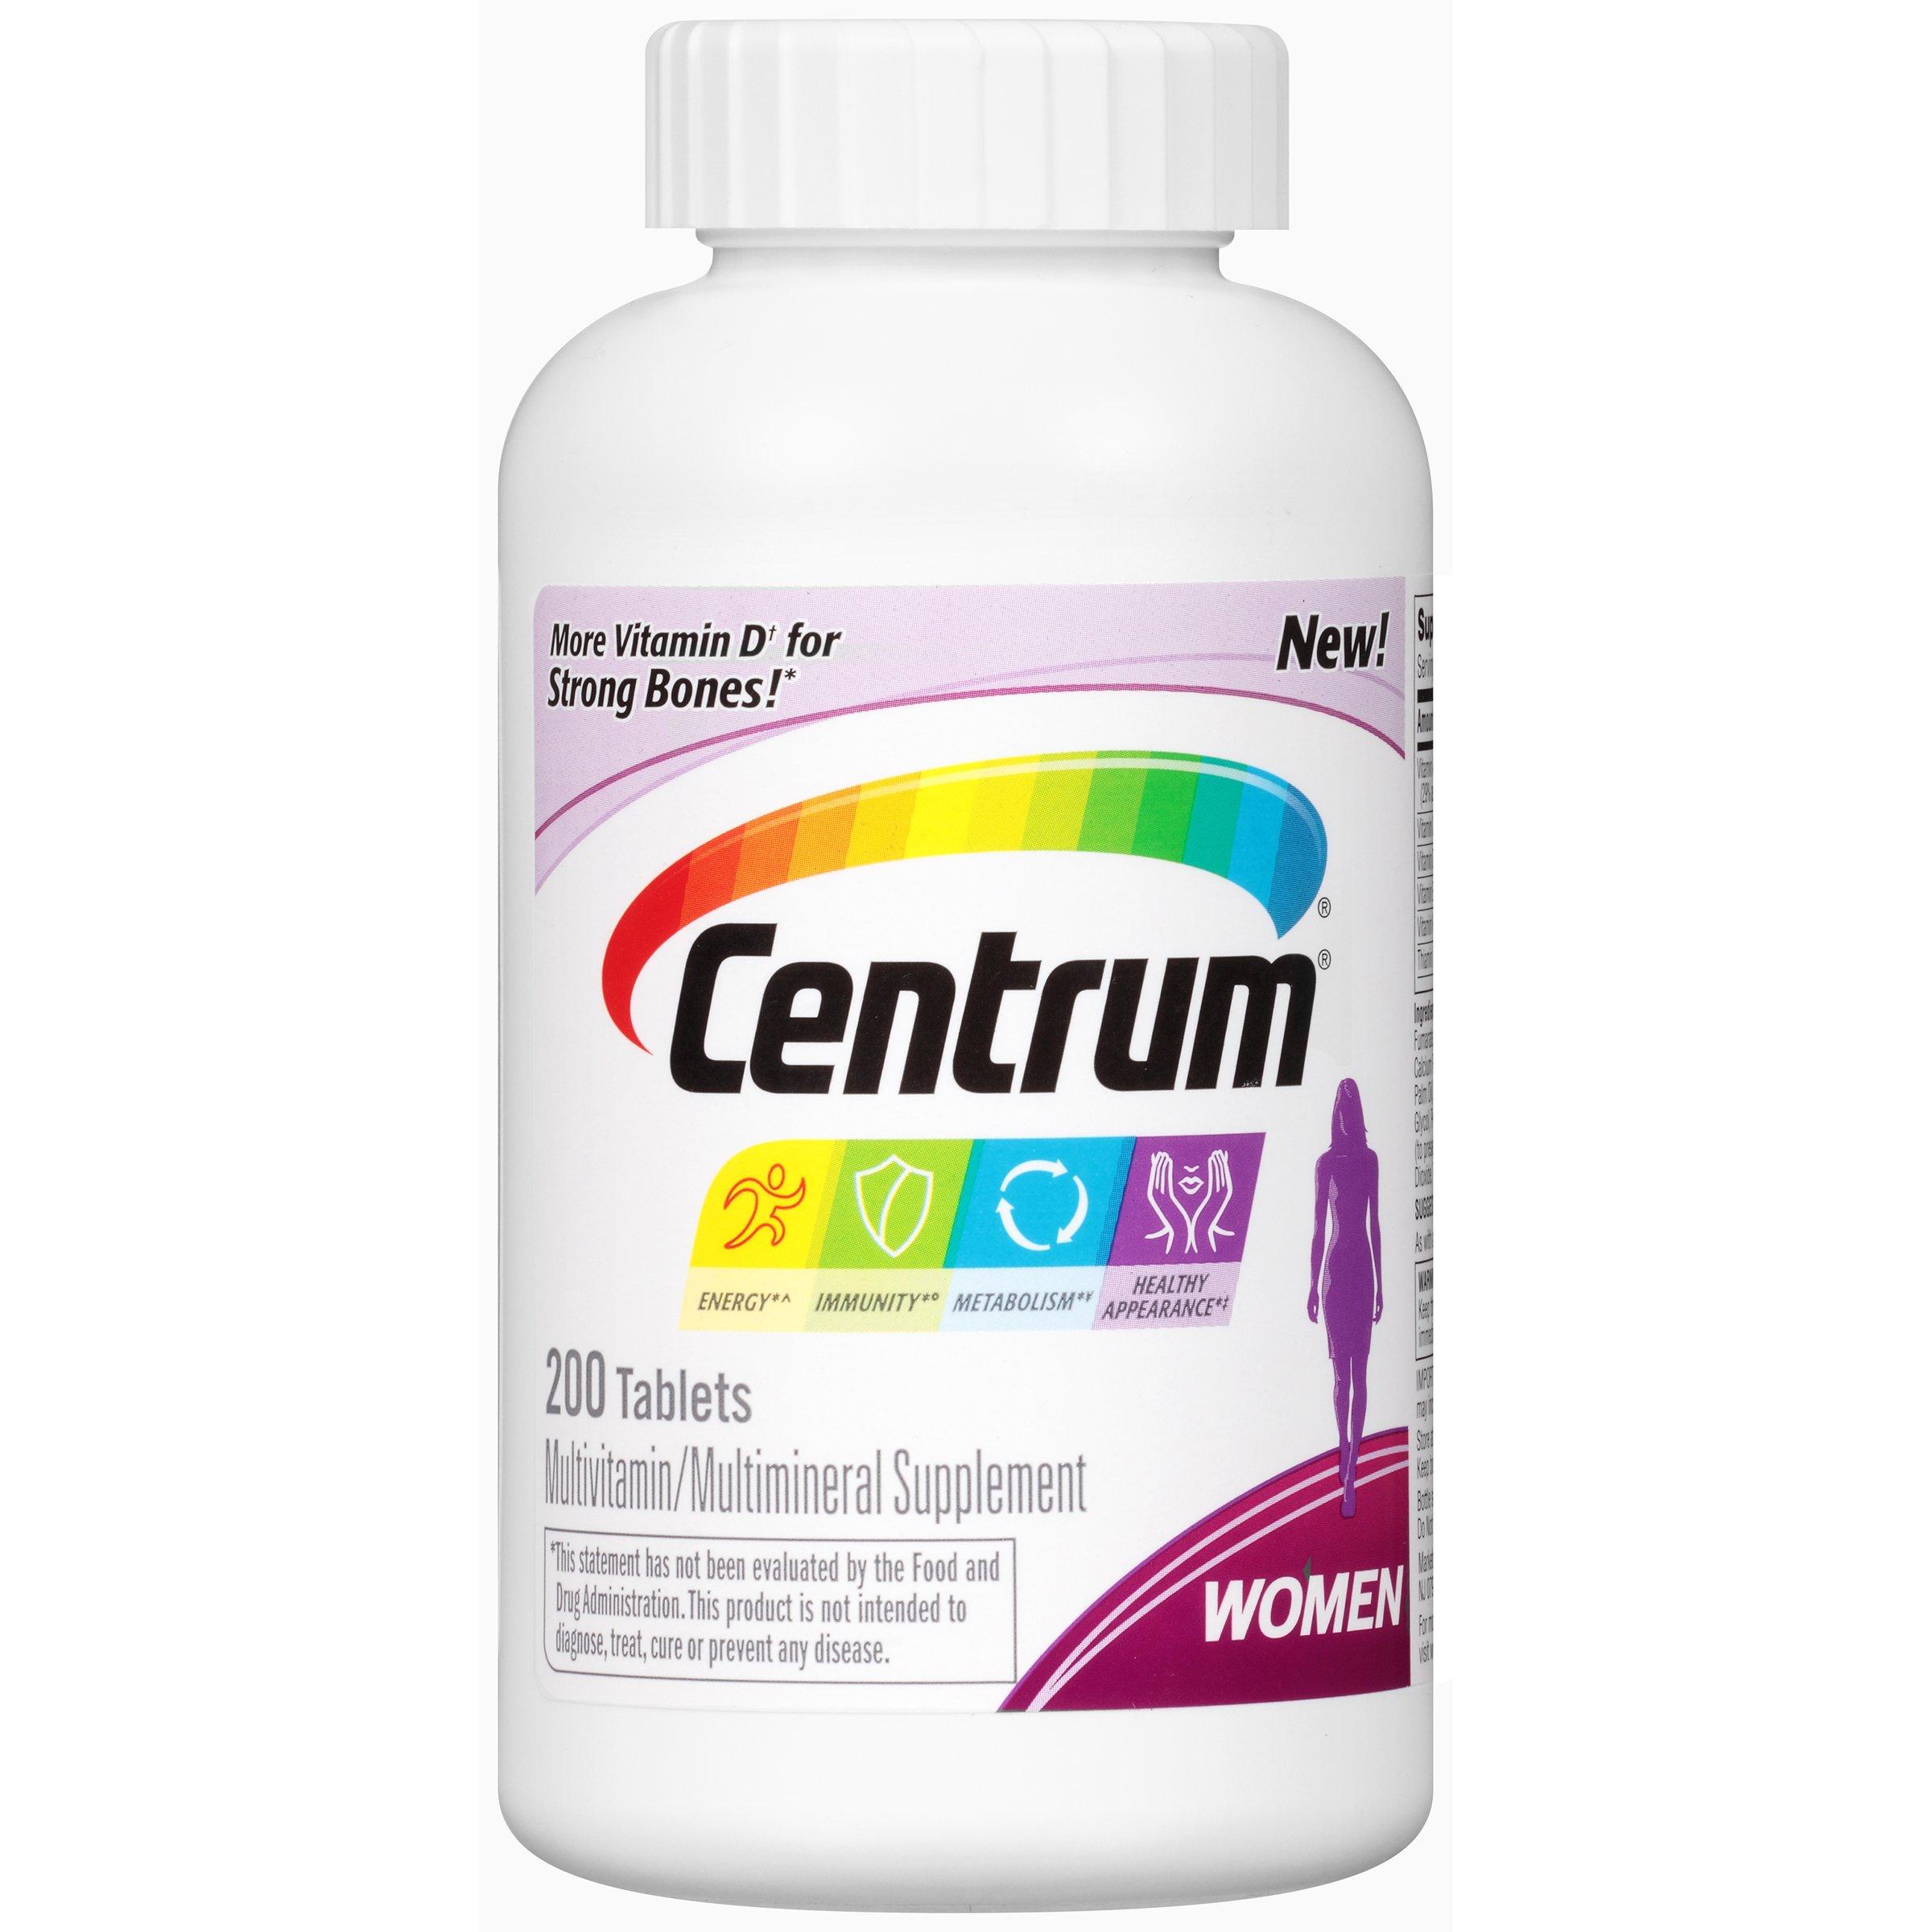 Centrum Women Multivitamin / Multimineral Supplement Tablet, Vitamin D3 (200 Count)